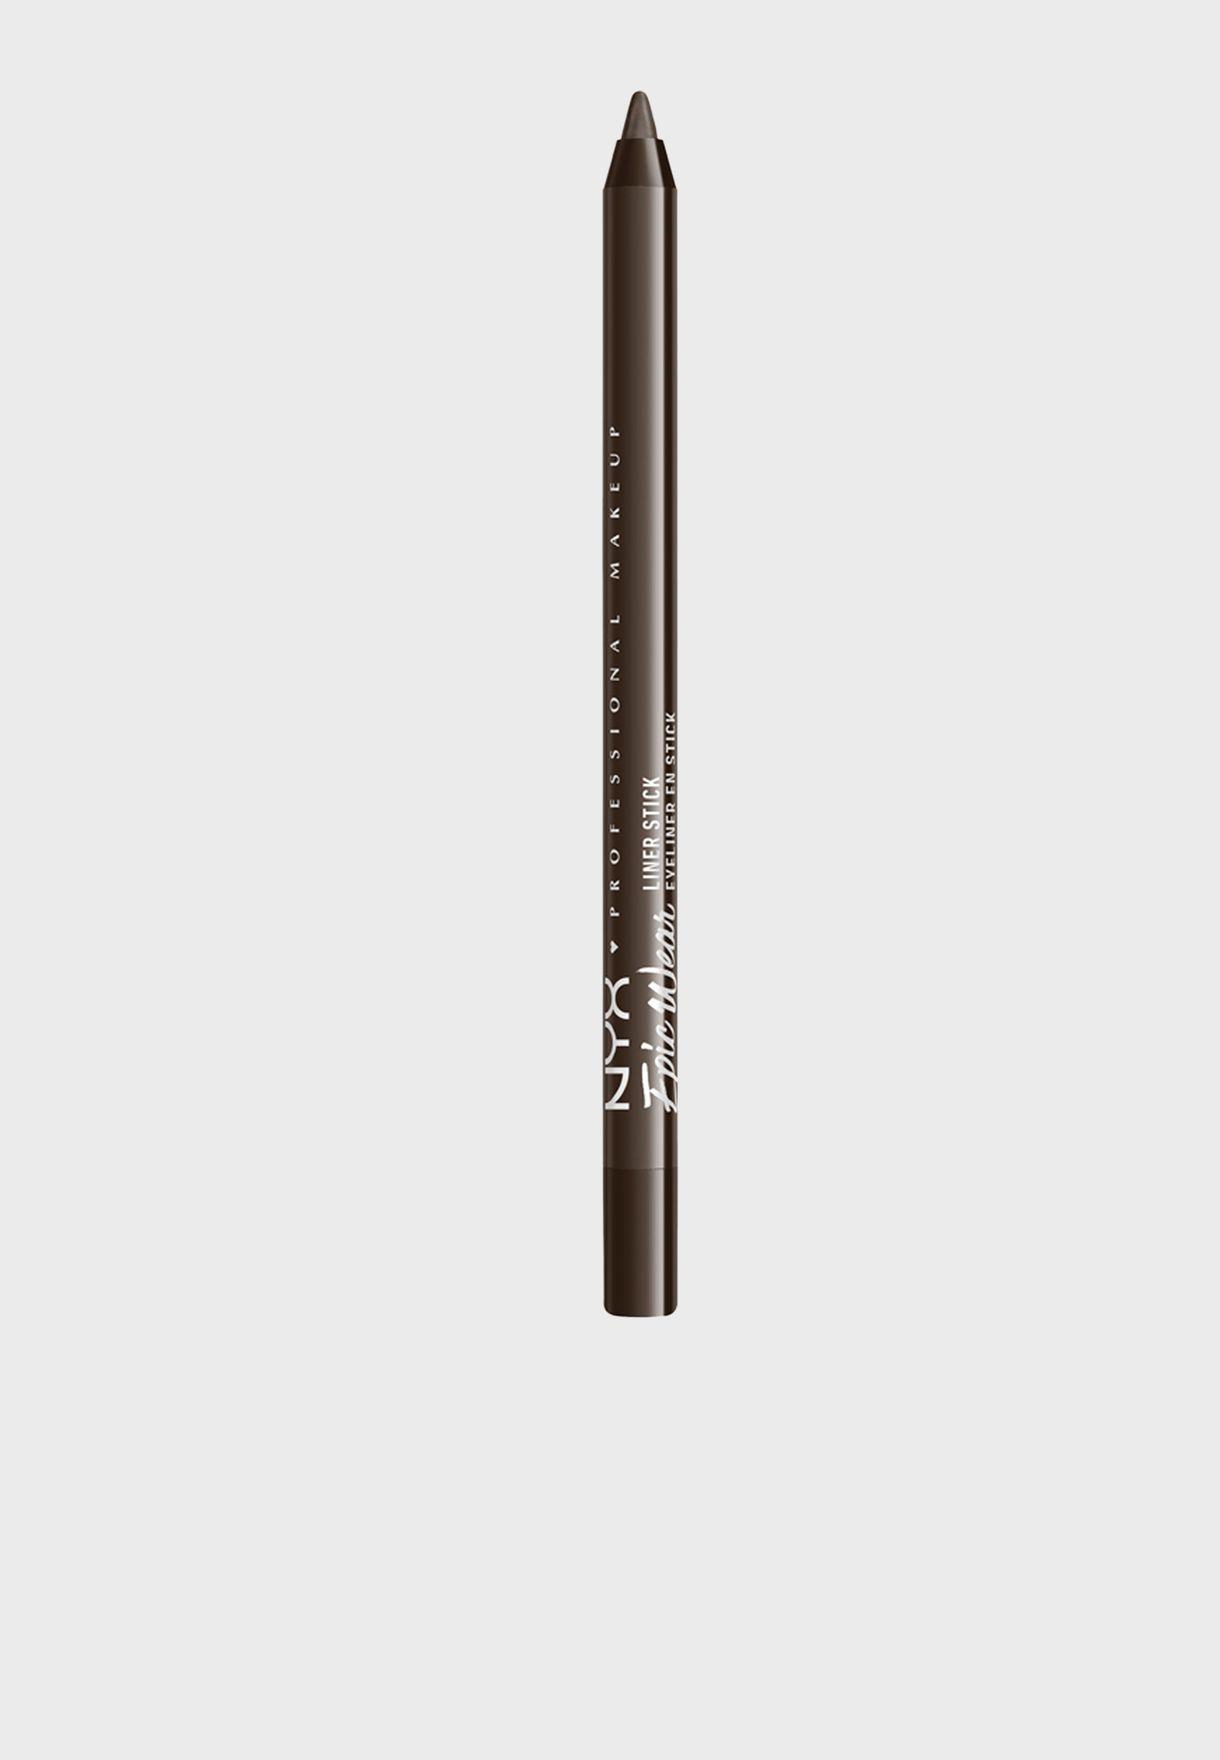 قلم لاينر ايبك وير - ديبست براون 07